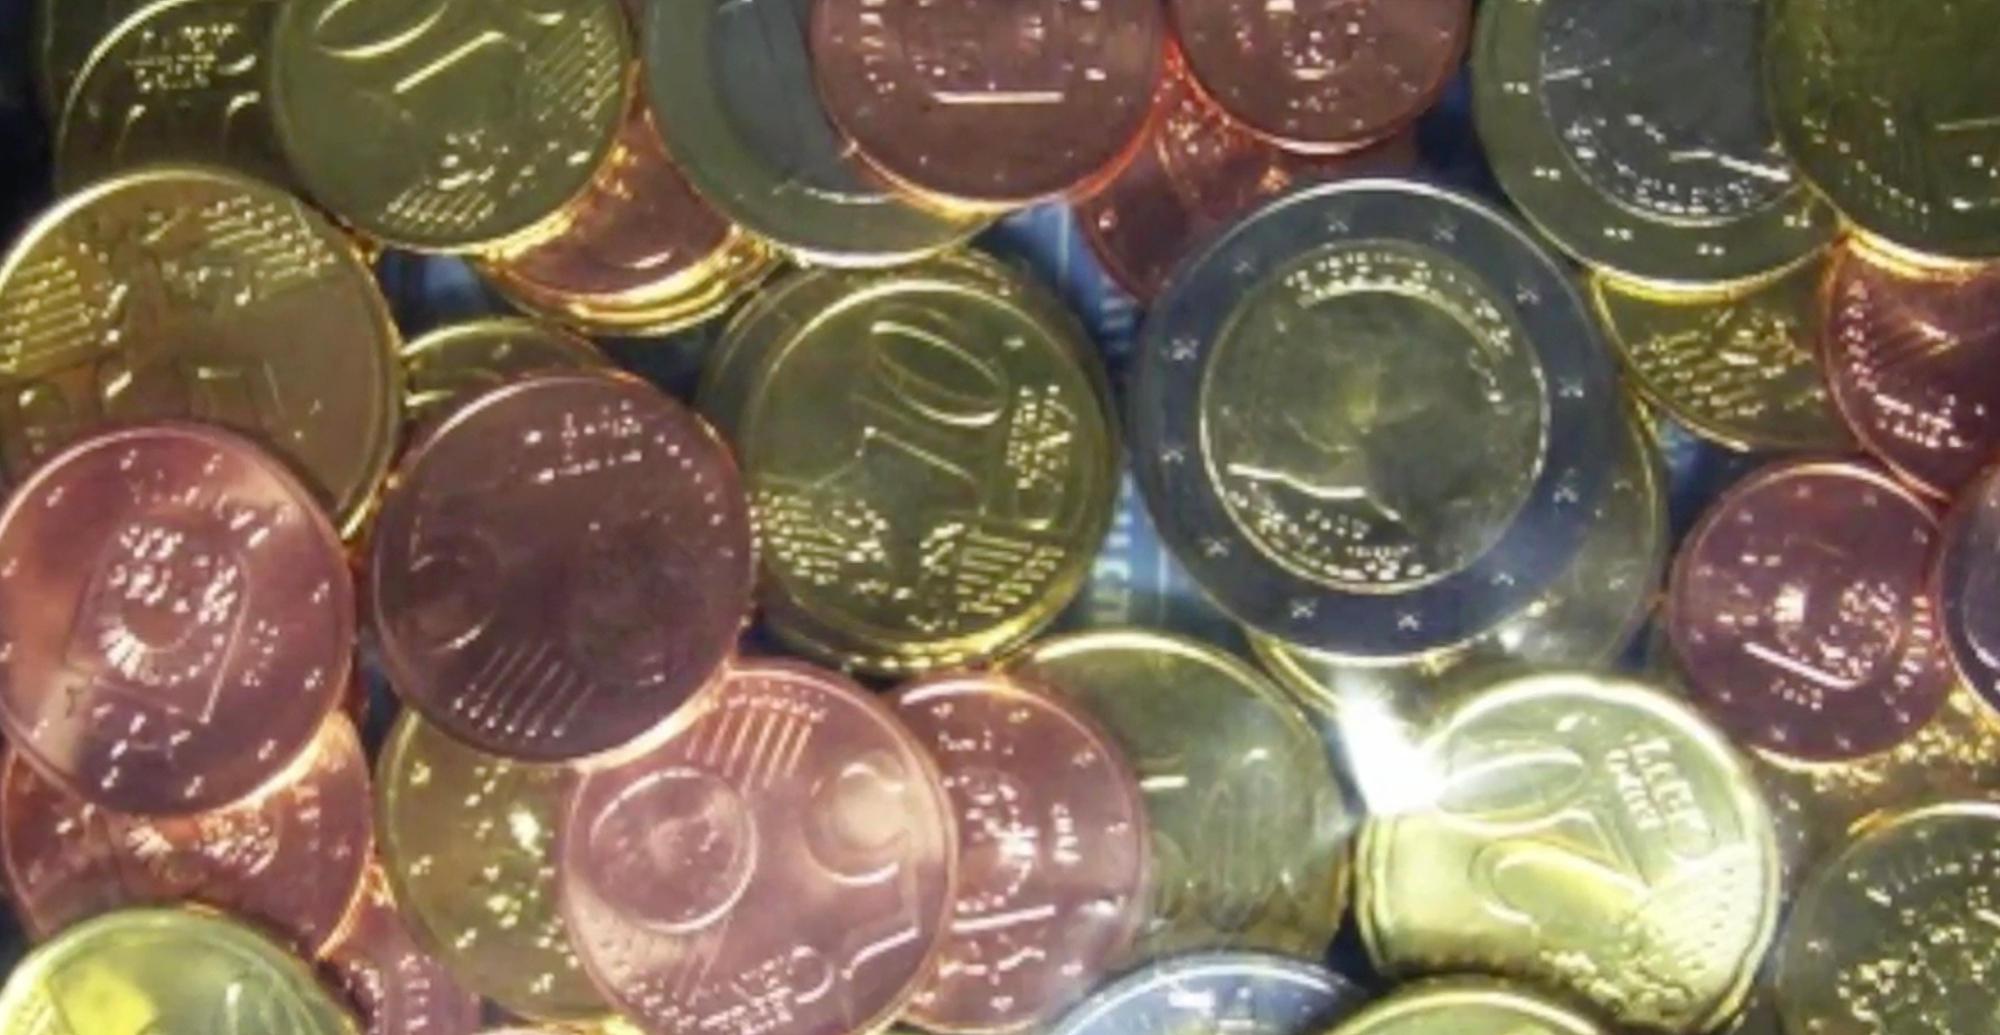 Euromünzen Diese Damaligen Starterkits Können Heute Viel Wert Sein